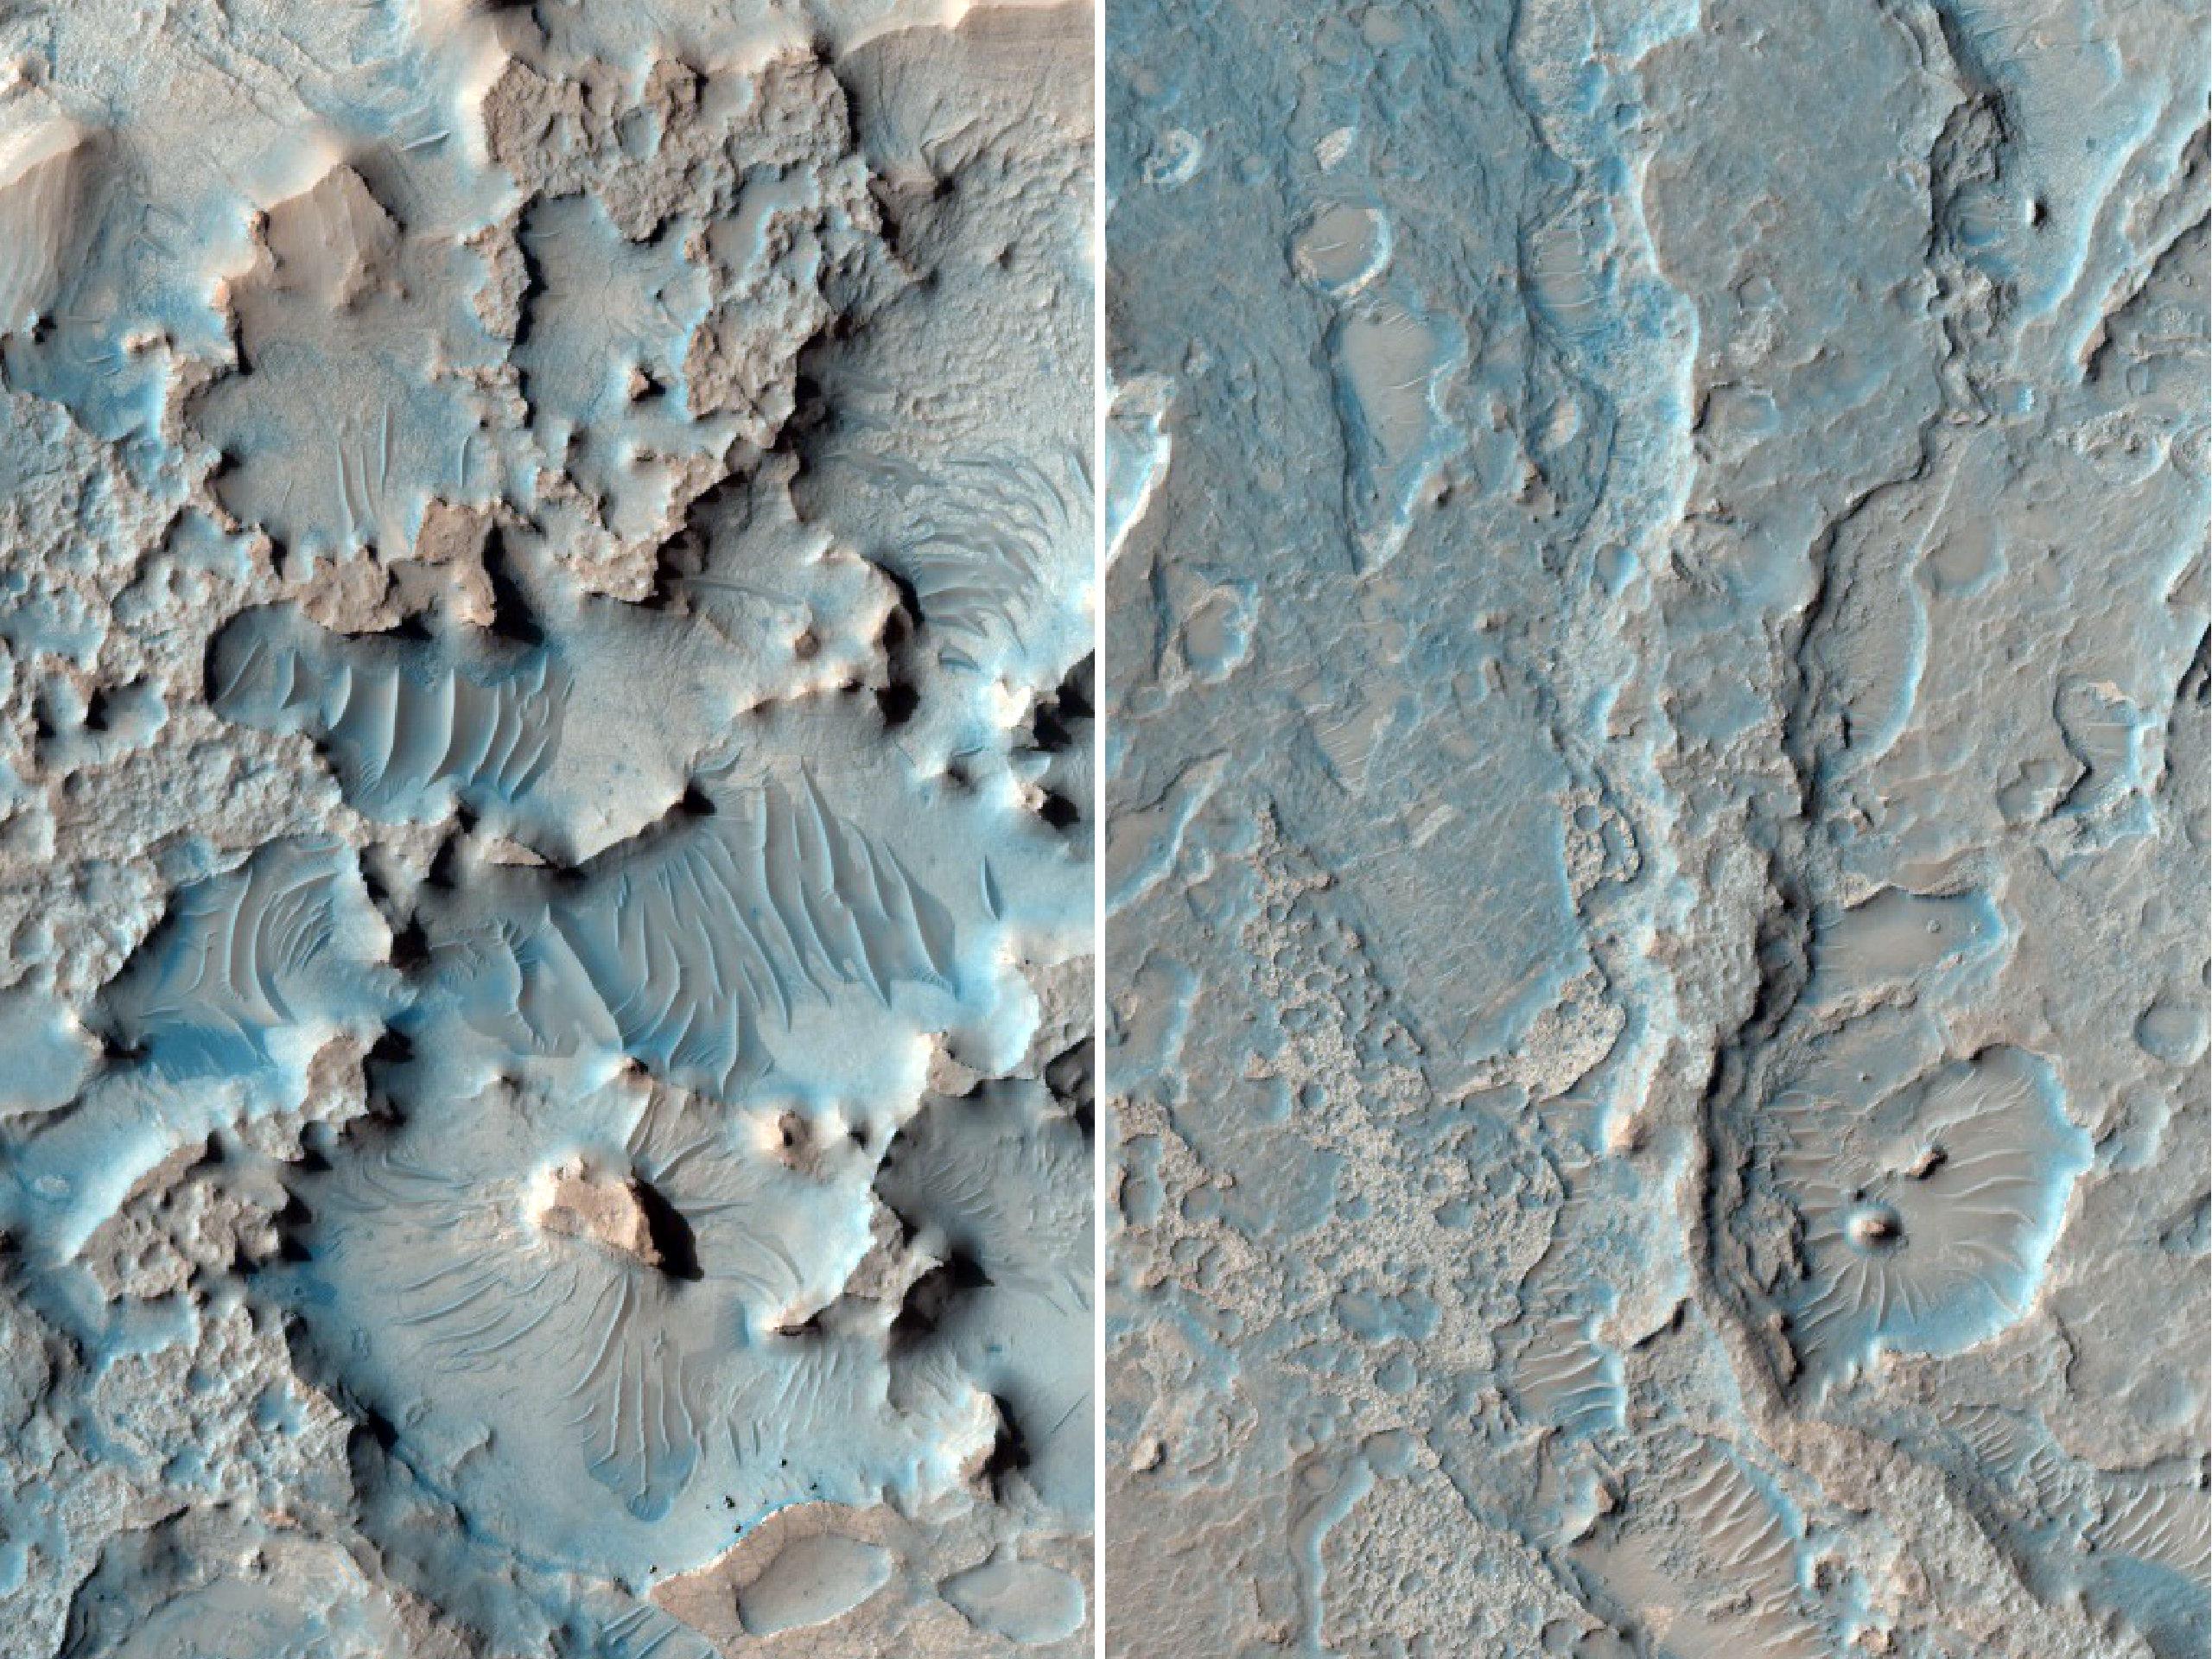 Wind Sculptures of Mars